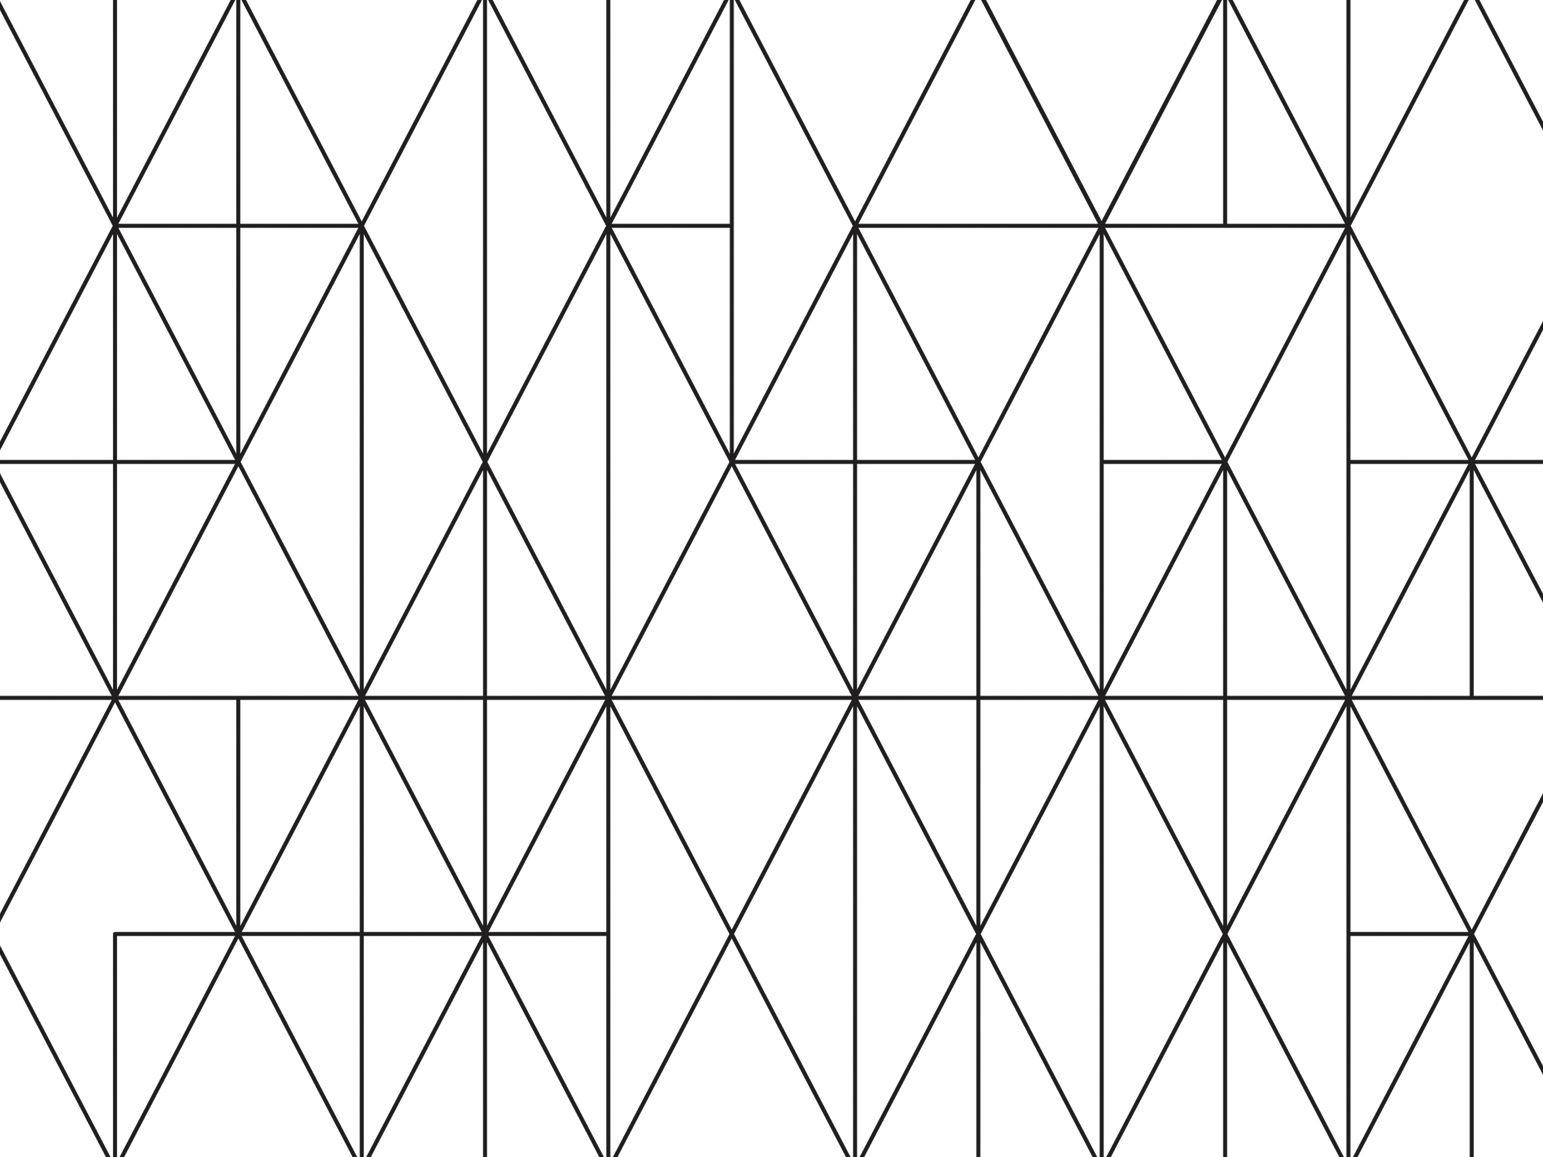 Papel pintado geom trico para exterior diecut by wall dec - Papel pintado de diseno moderno ...